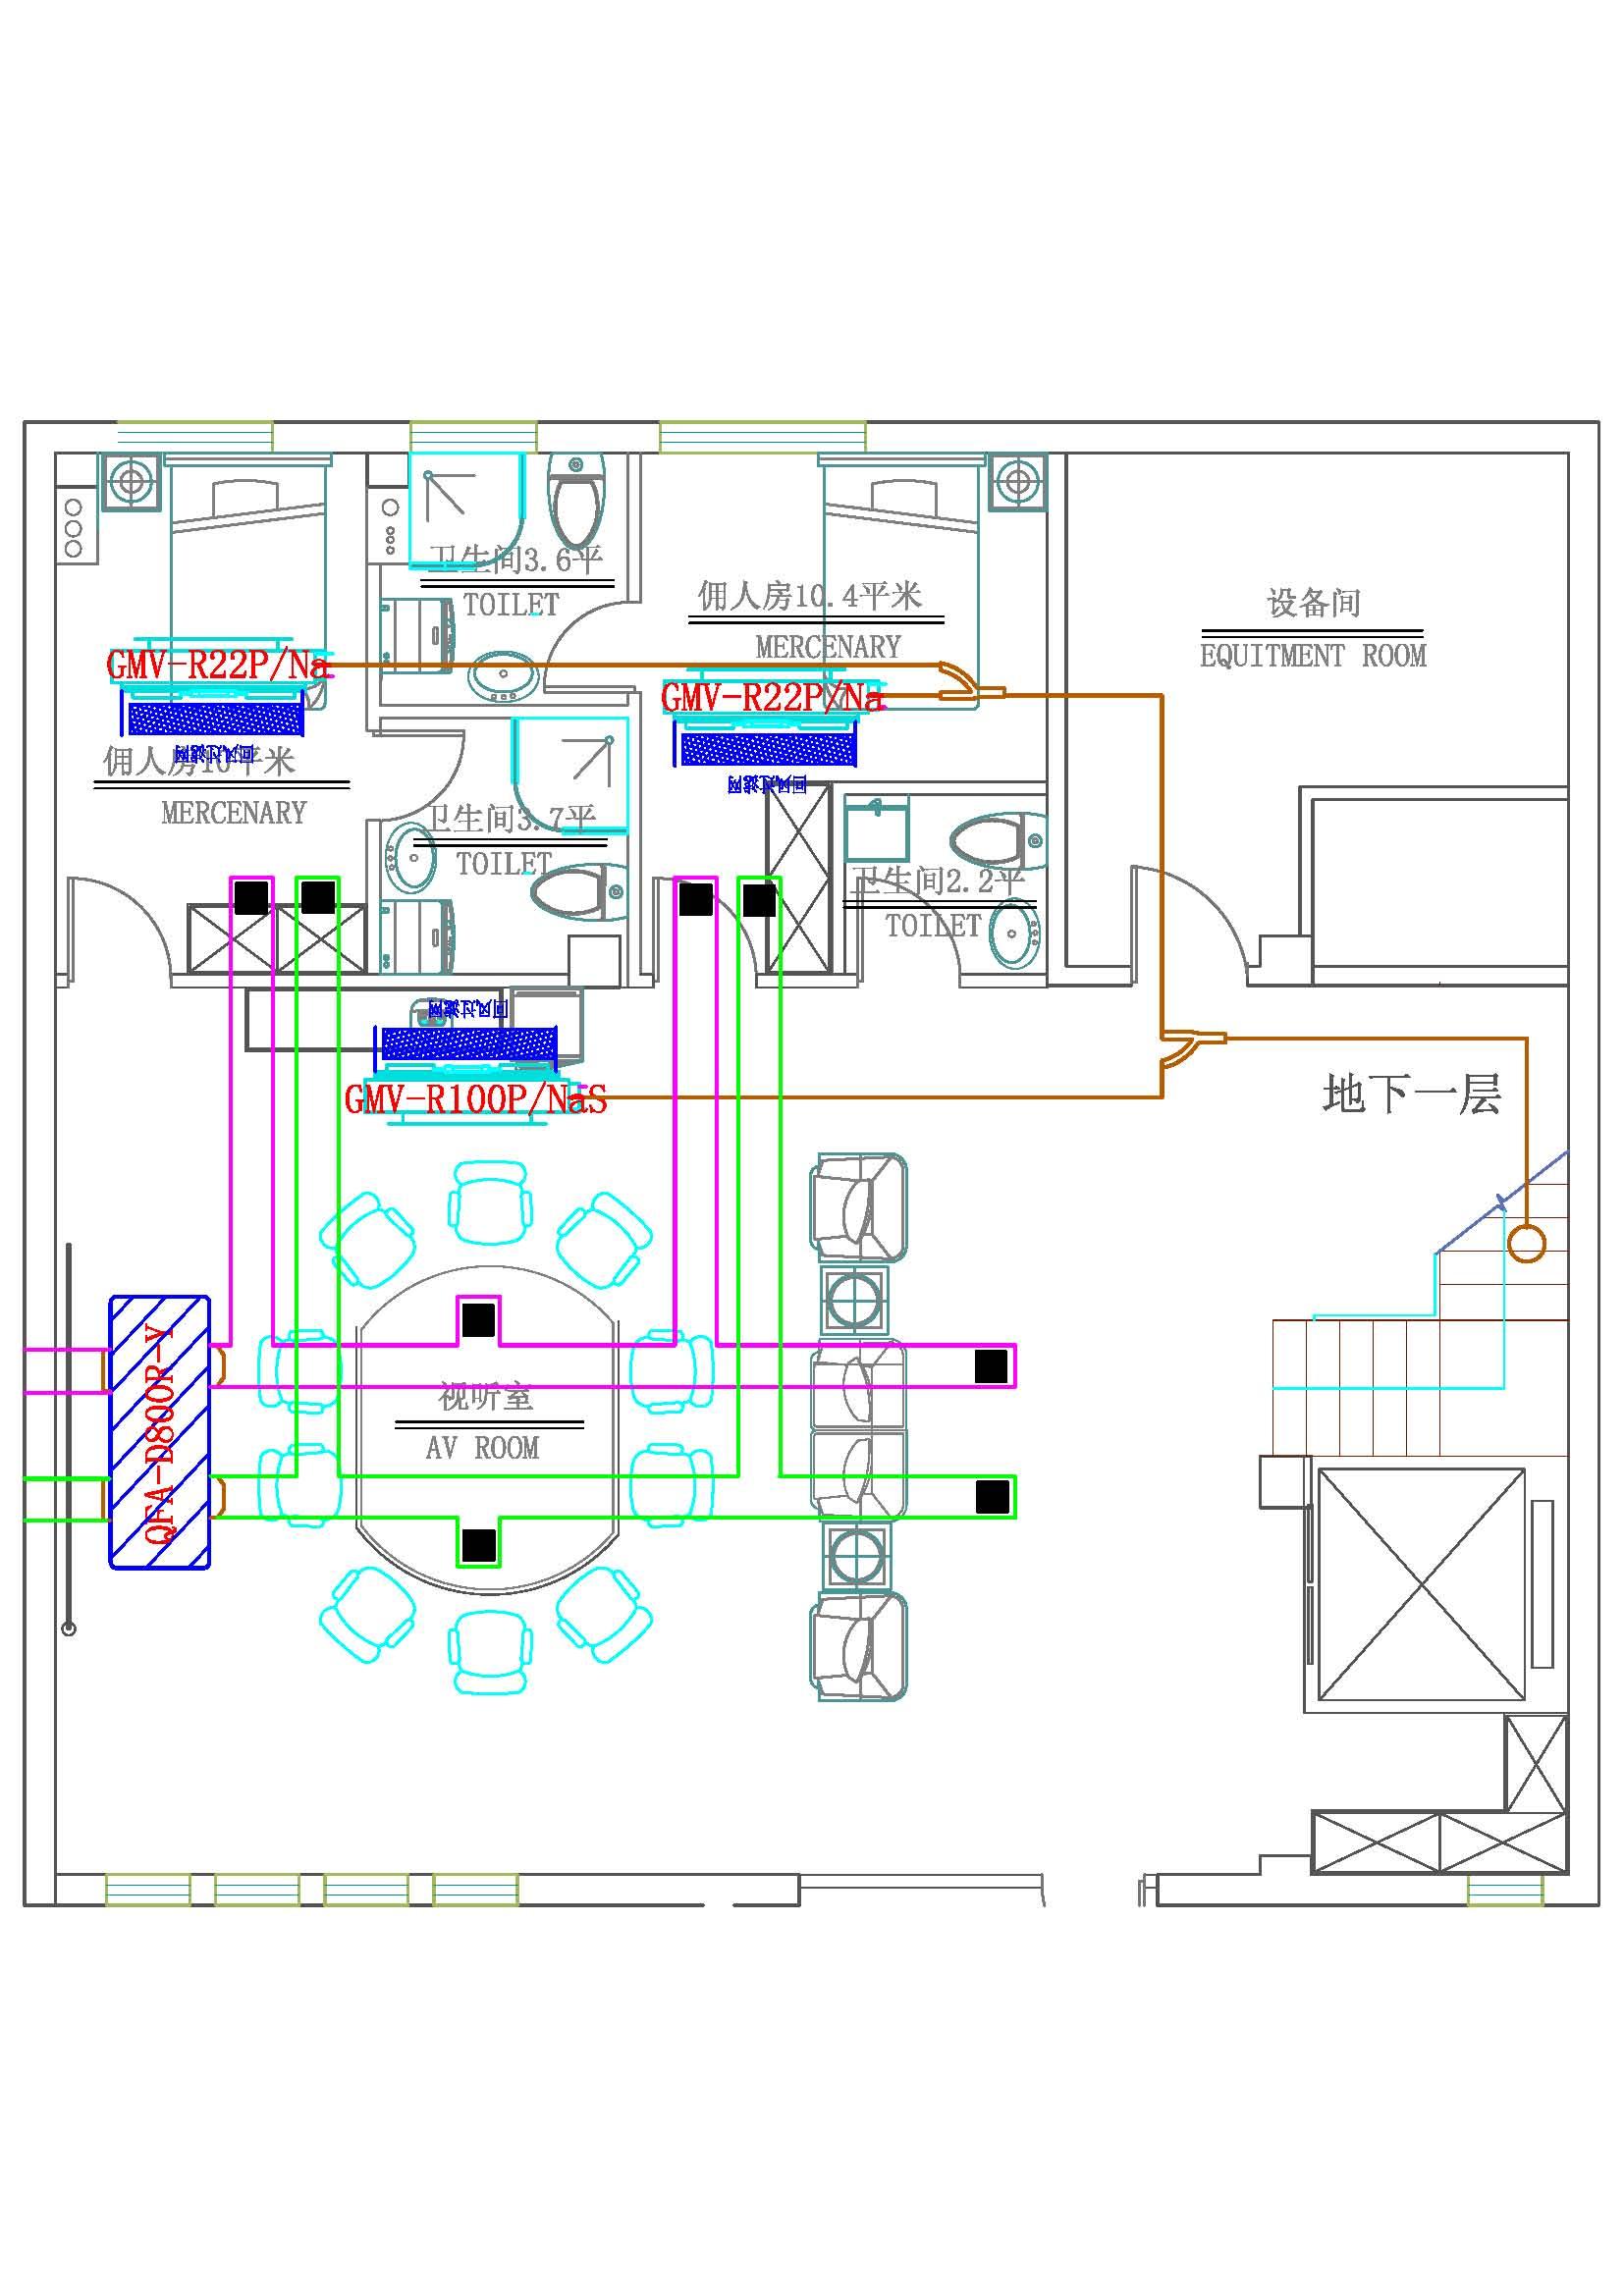 (已标空调、新风)墙体加建示意 Model (1).jpg